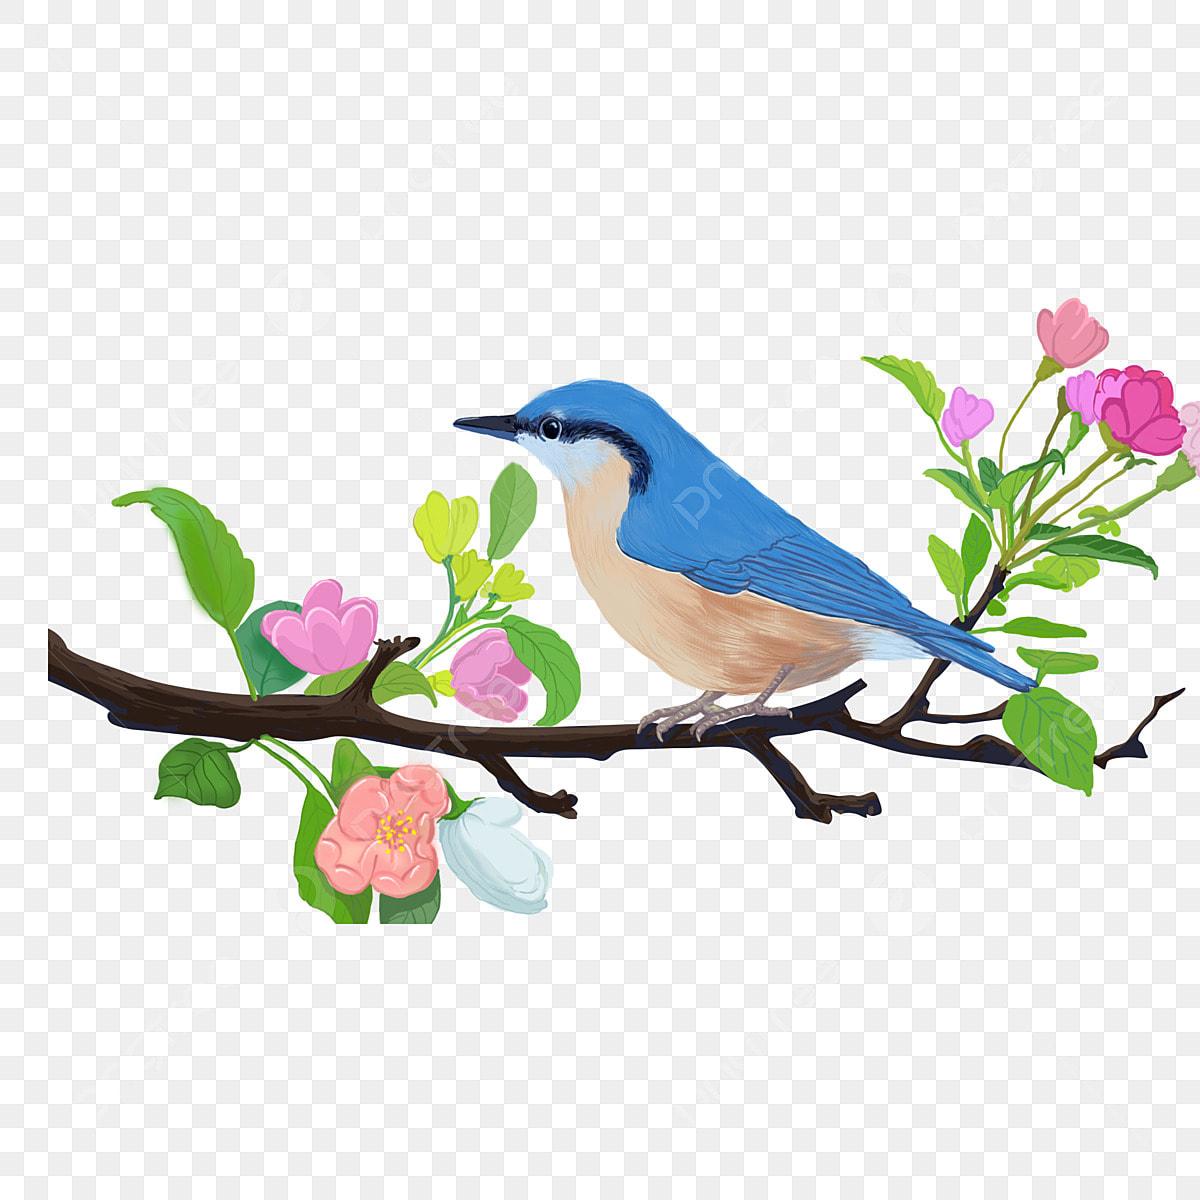 Elemento De Desenho Animado Passaro Azul Em Galhos Coloridos Cor